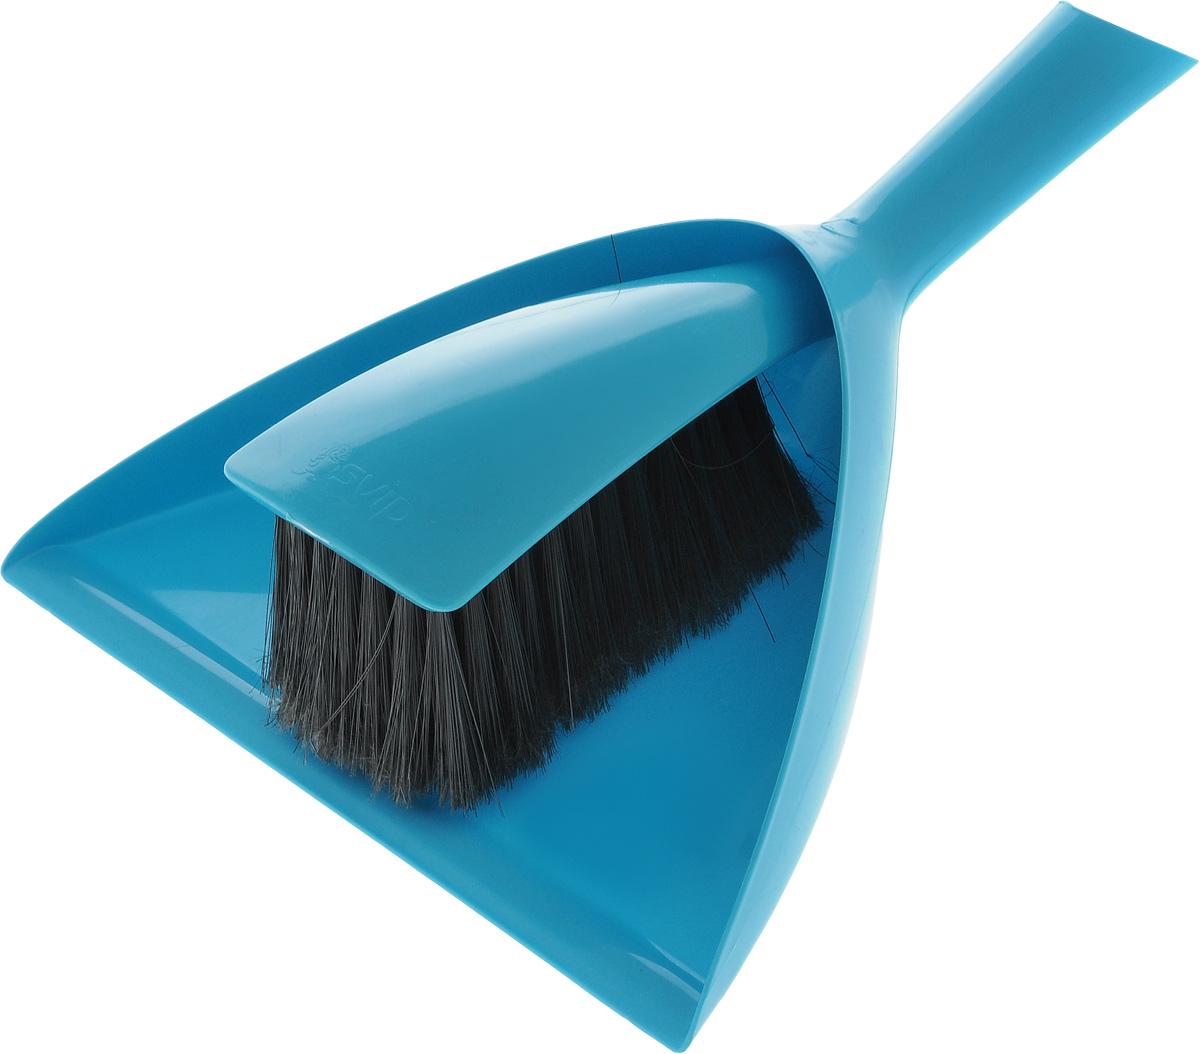 Набор для уборки Svip Original, цвет: бирюзовый, 2 предмета787502Набор для уборки Svip Original состоит из щетки-сметки и совка, выполненных изполипропилена. Он станет незаменимым помощником в деле удаления пыли и мусора с различныхповерхностей. Удобный, современный и привлекательный.Ворс щетки достаточно длинный, что позволяет собирать даже крупный мусор. Ручка совка позволяет прикреплять его к рукоятке щетки. На рукояти изделий имеется специальное отверстие для подвешивания. Совок вместе со щеткой-сметкой незаменимы в ситуации, когда необходимо быстро убратьмусор на небольшом пространстве. Длина щетки-сметки: 31,5 см, Ширина щетки-сметки: 7,5 см, Длина ворса: 6,5 см. Размер рабочей поверхности совка: 20,5 см х 24 см.Размер совка (с учетом ручки): 34 см х 24 см х 7 см.